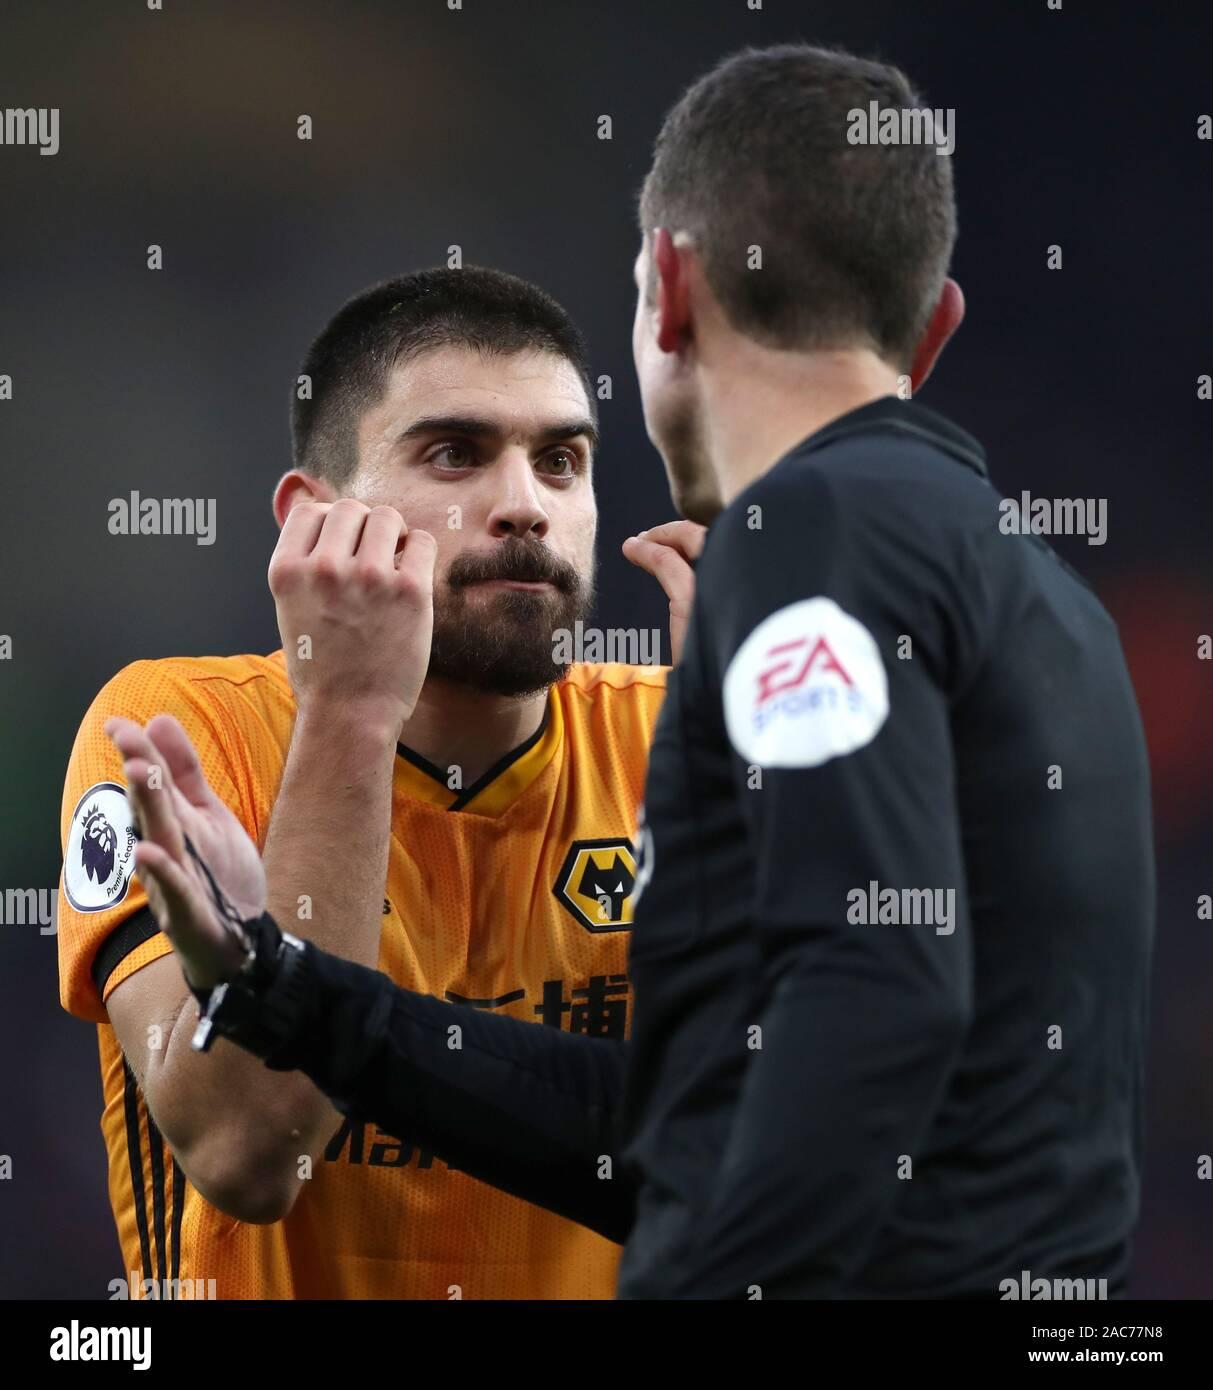 Wolverhampton Wanderers's Ruben Neves gestos a David Coote árbitro durante el partido de Liga Premier en Molineux, Wolverhampton. Foto de stock